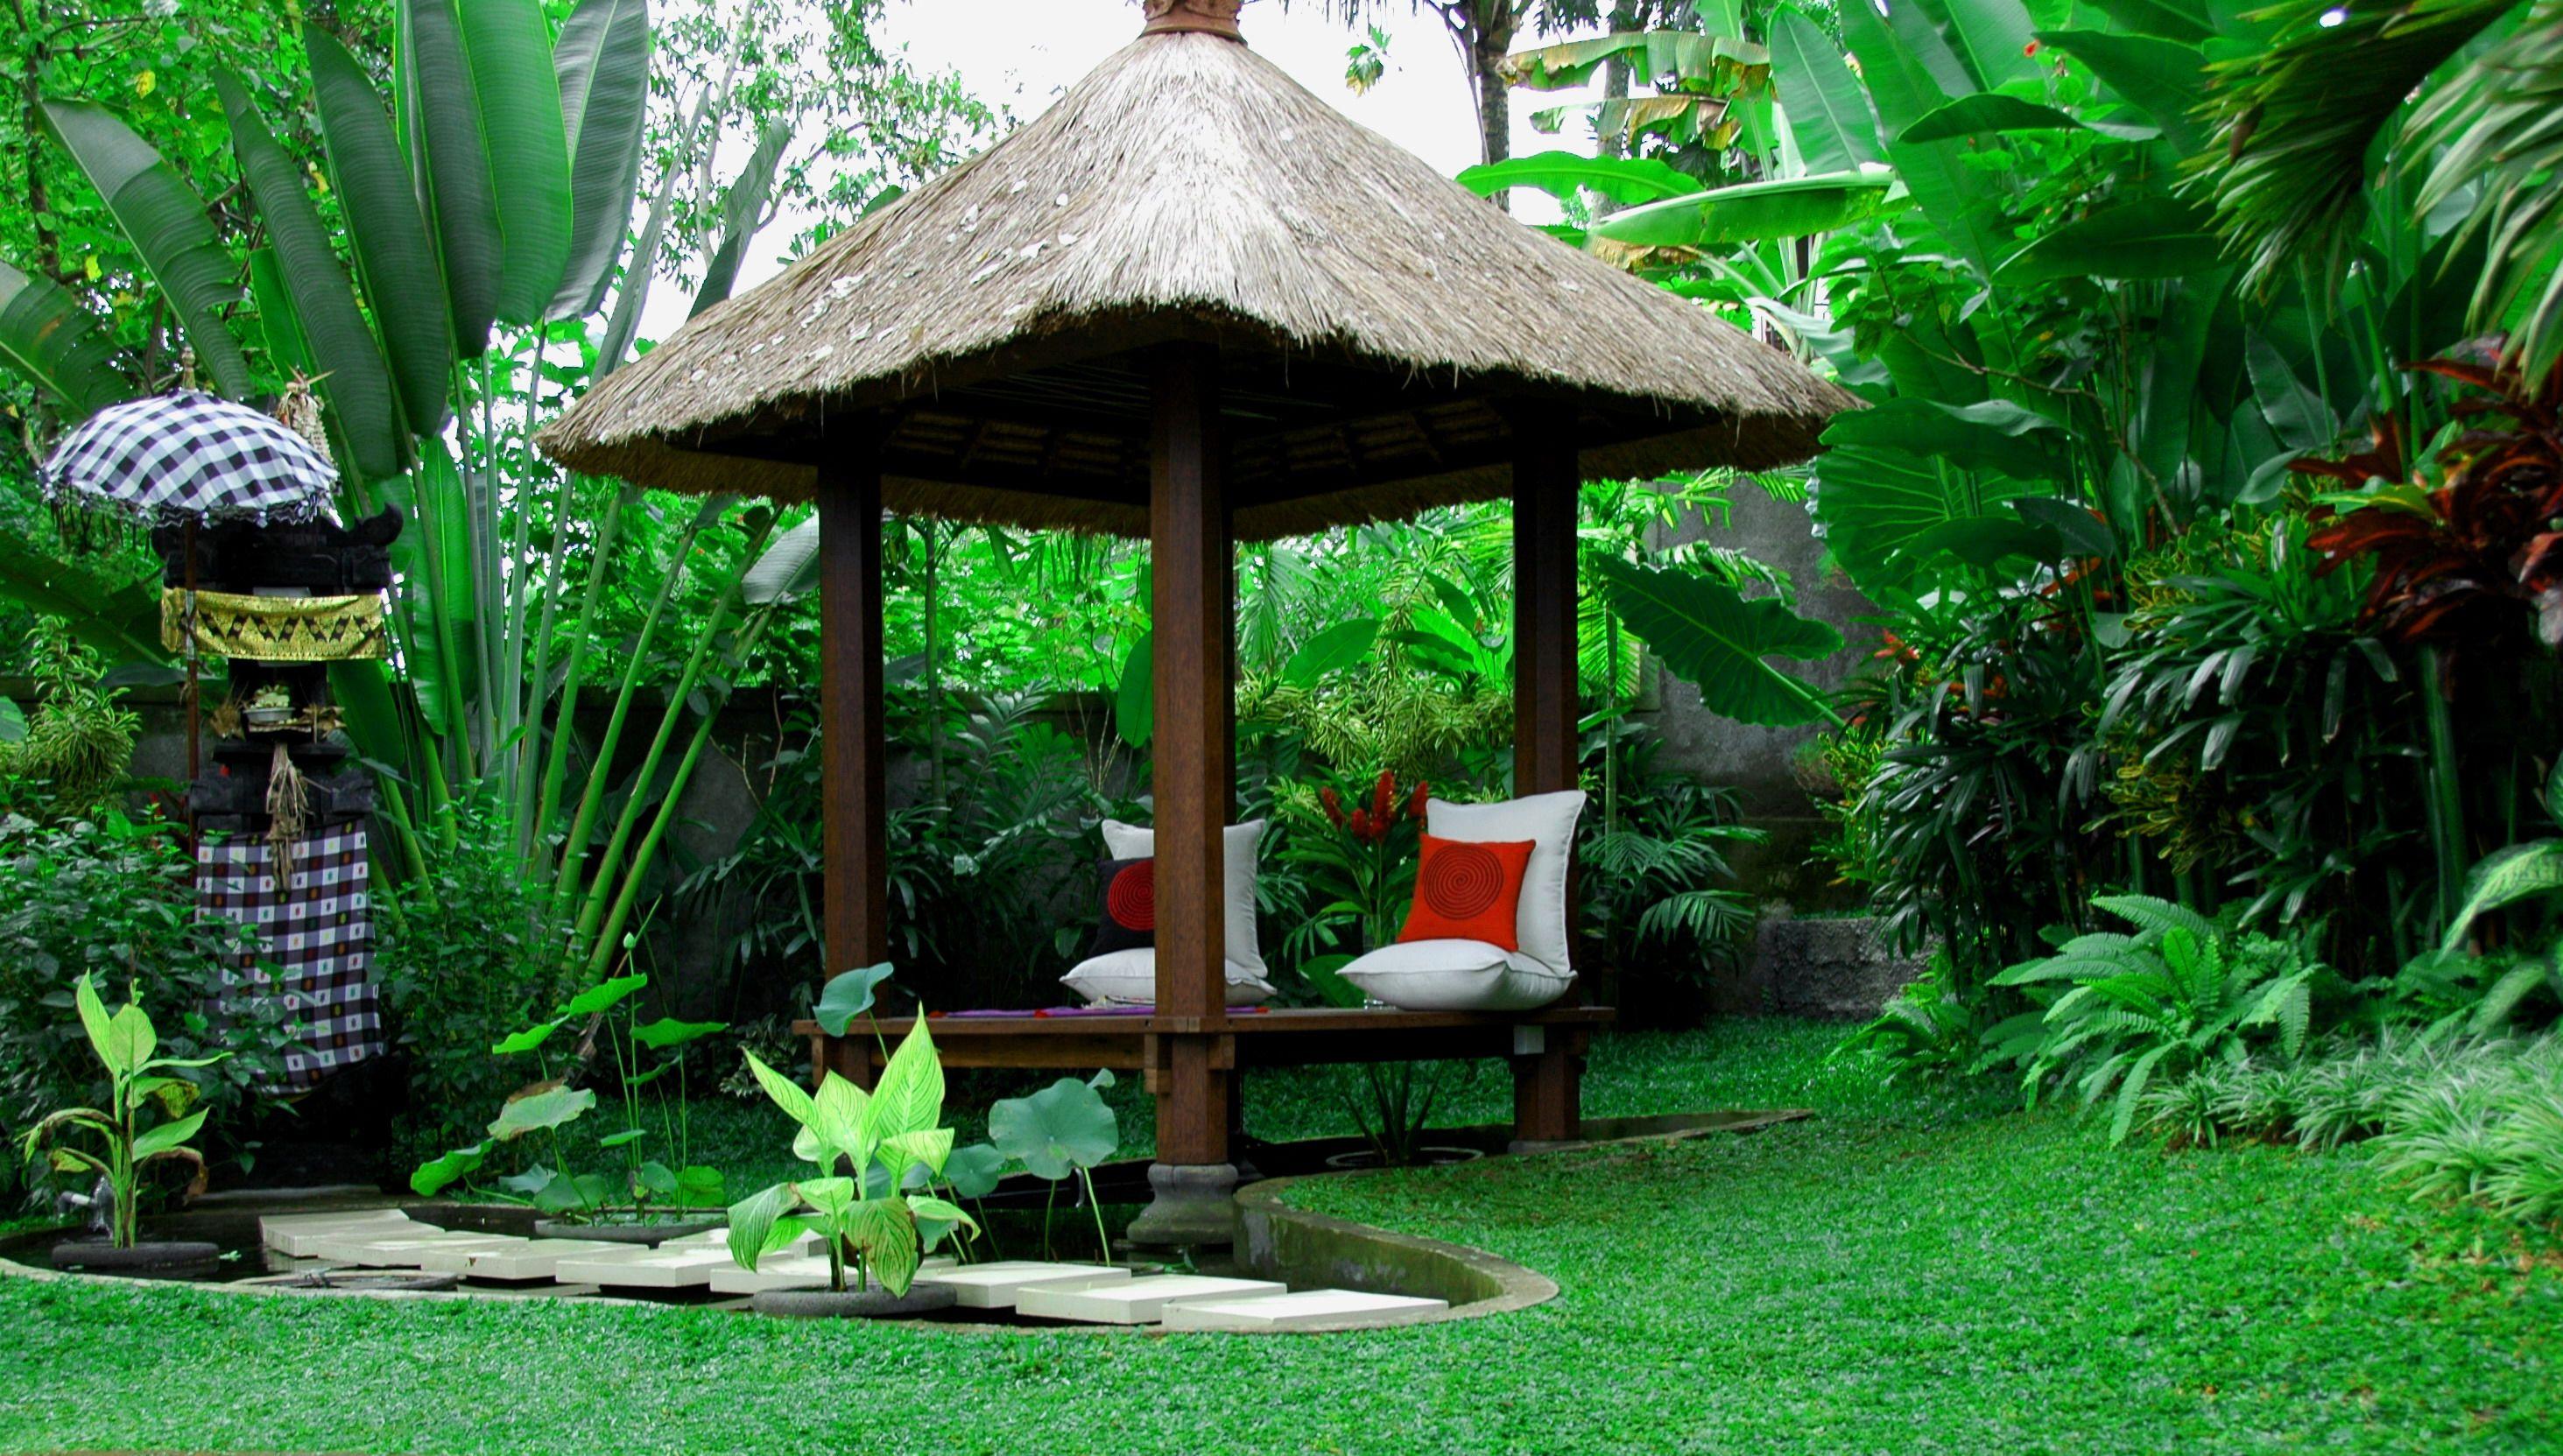 Balinese garden can serve as an additional choice to for Balinese garden design